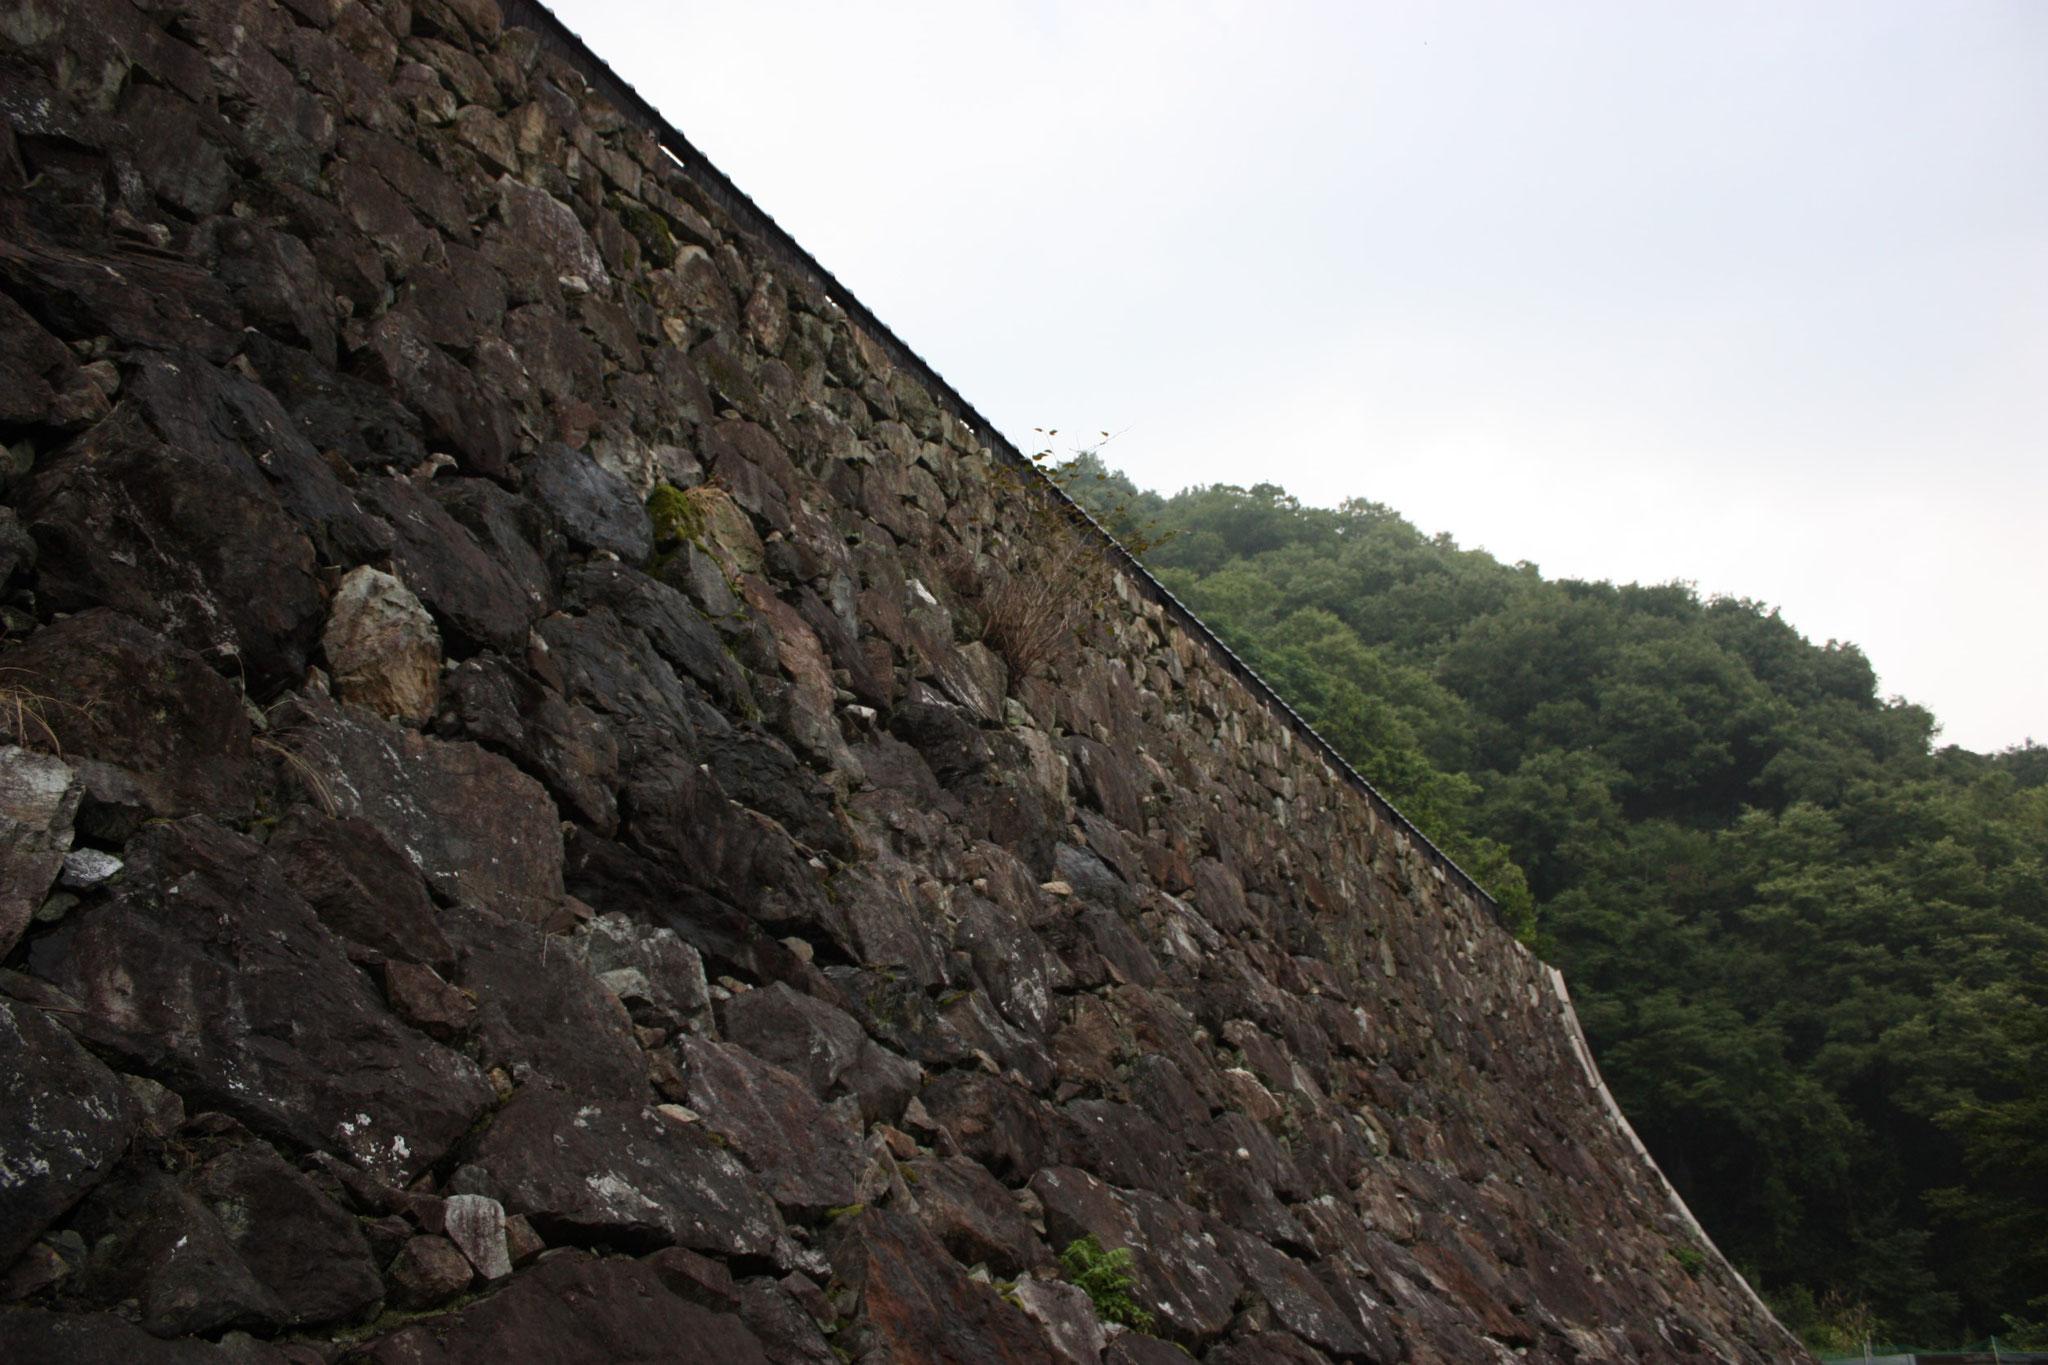 その山腹に城壁を思わせる大石垣が構えられ